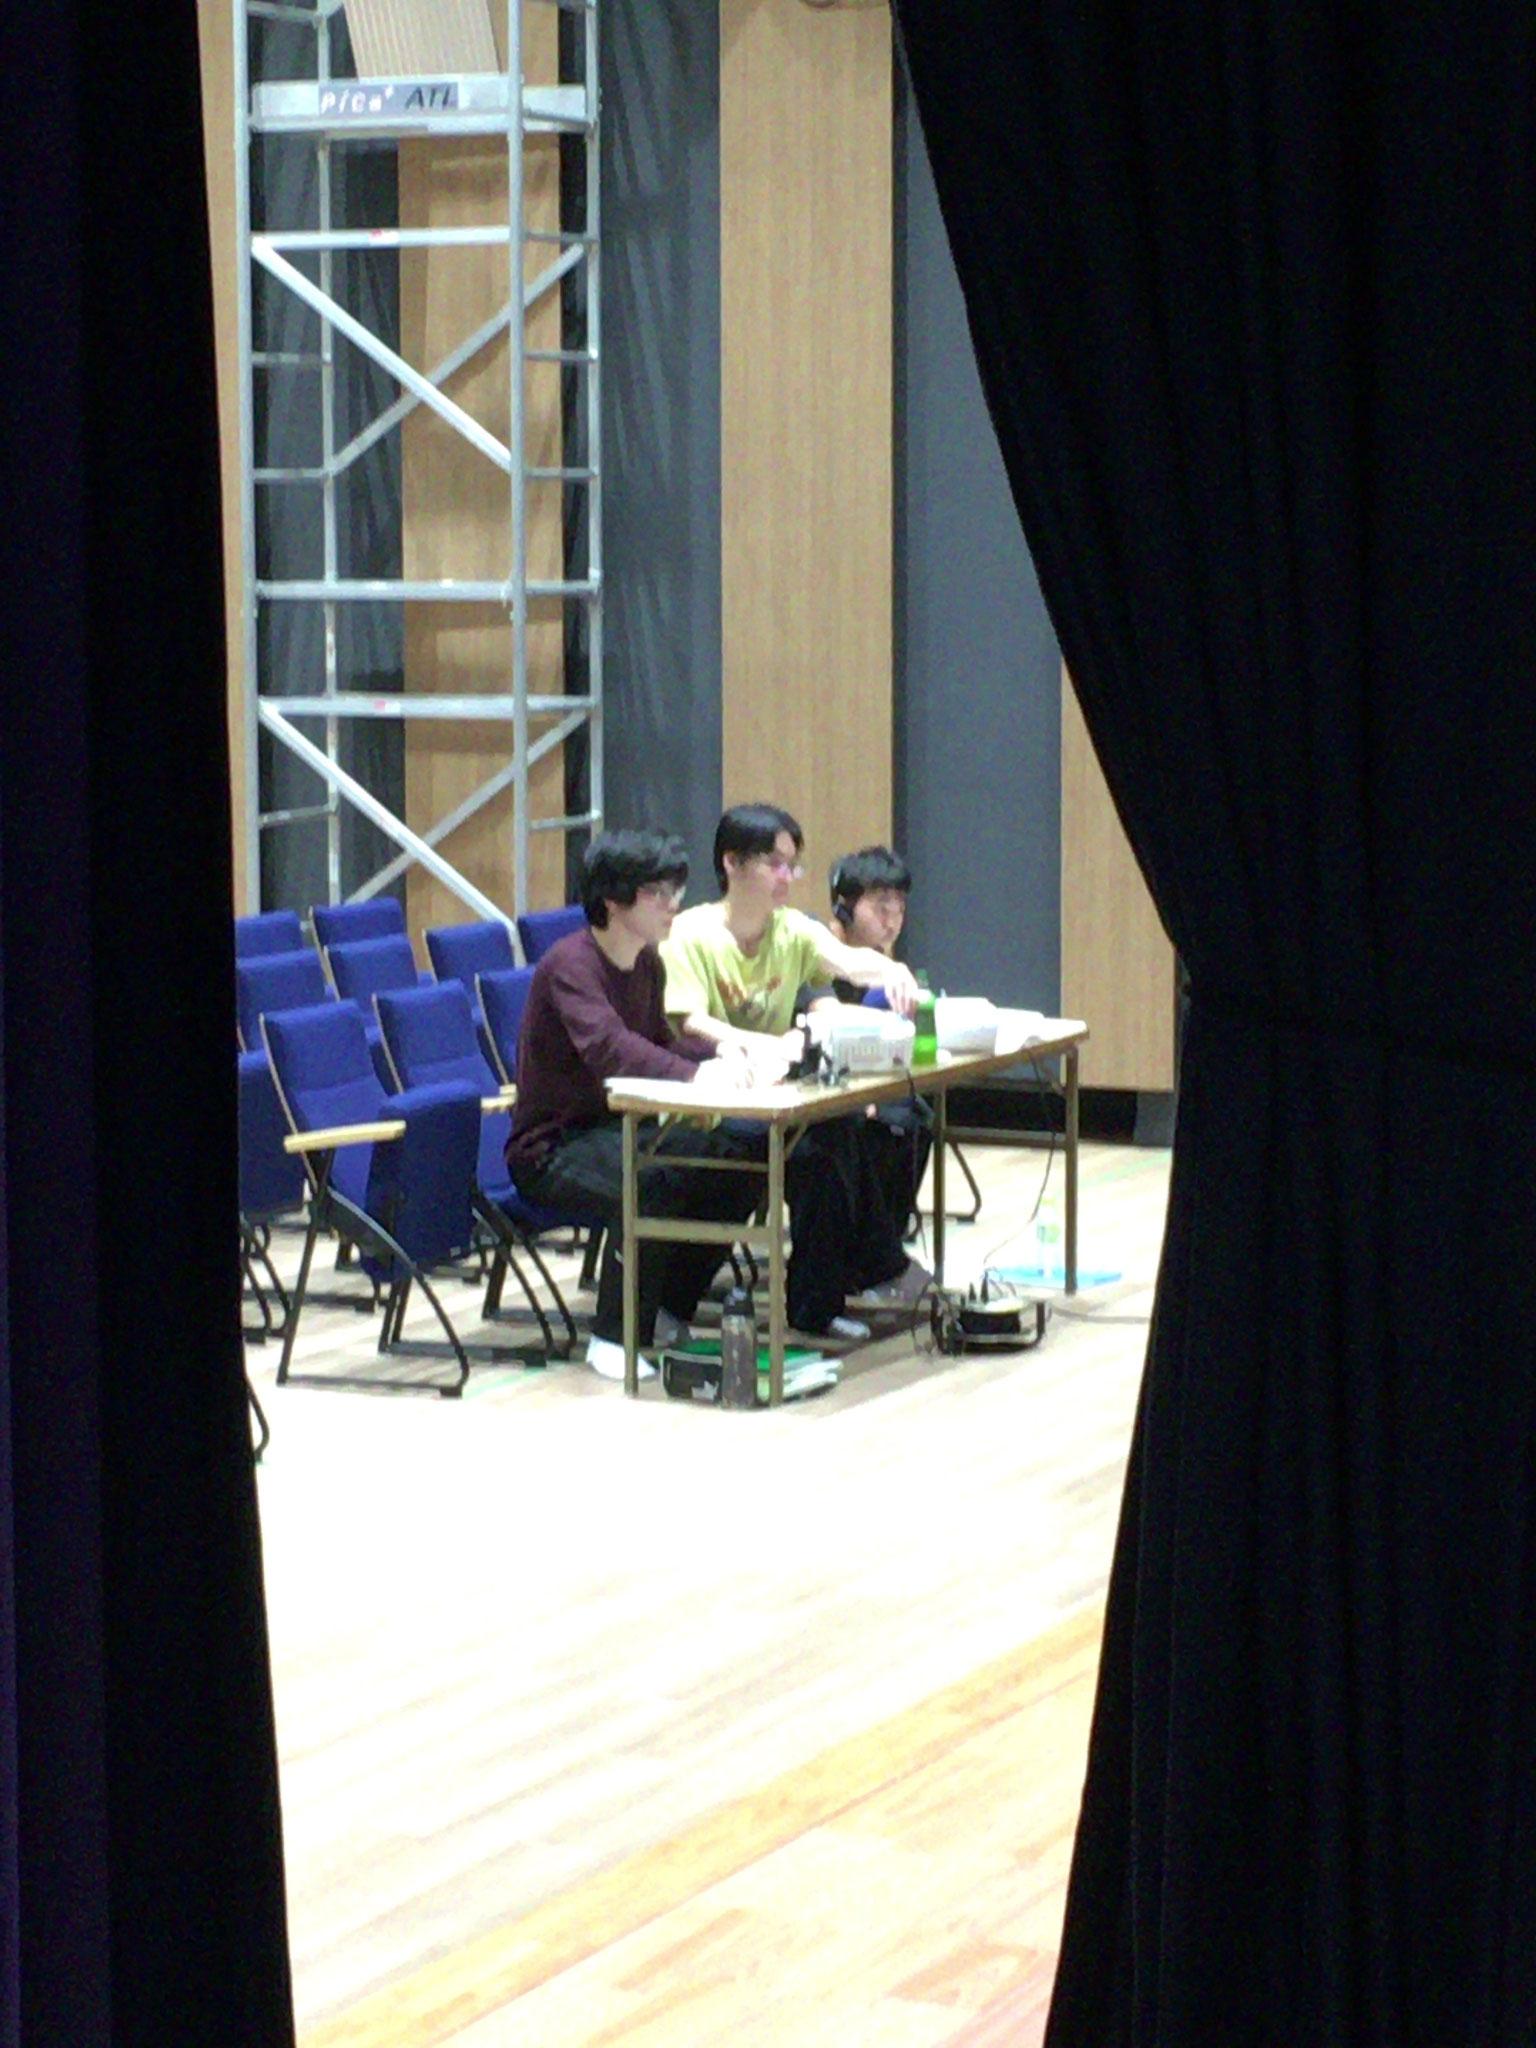 舞台監督と舞台監督助手2名